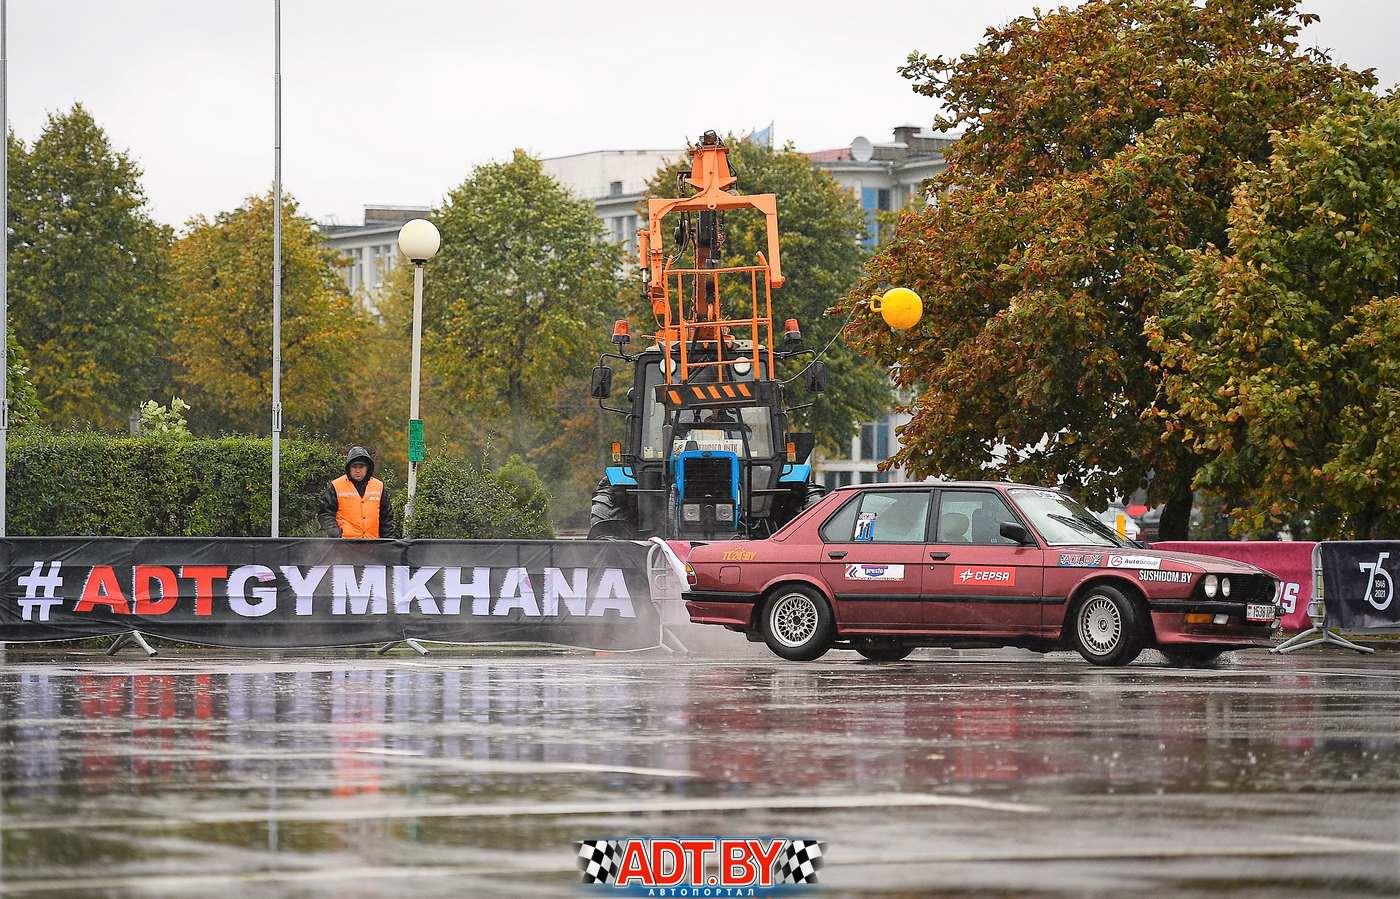 Финал кубка ADT Gymkhana-2021 в Минске